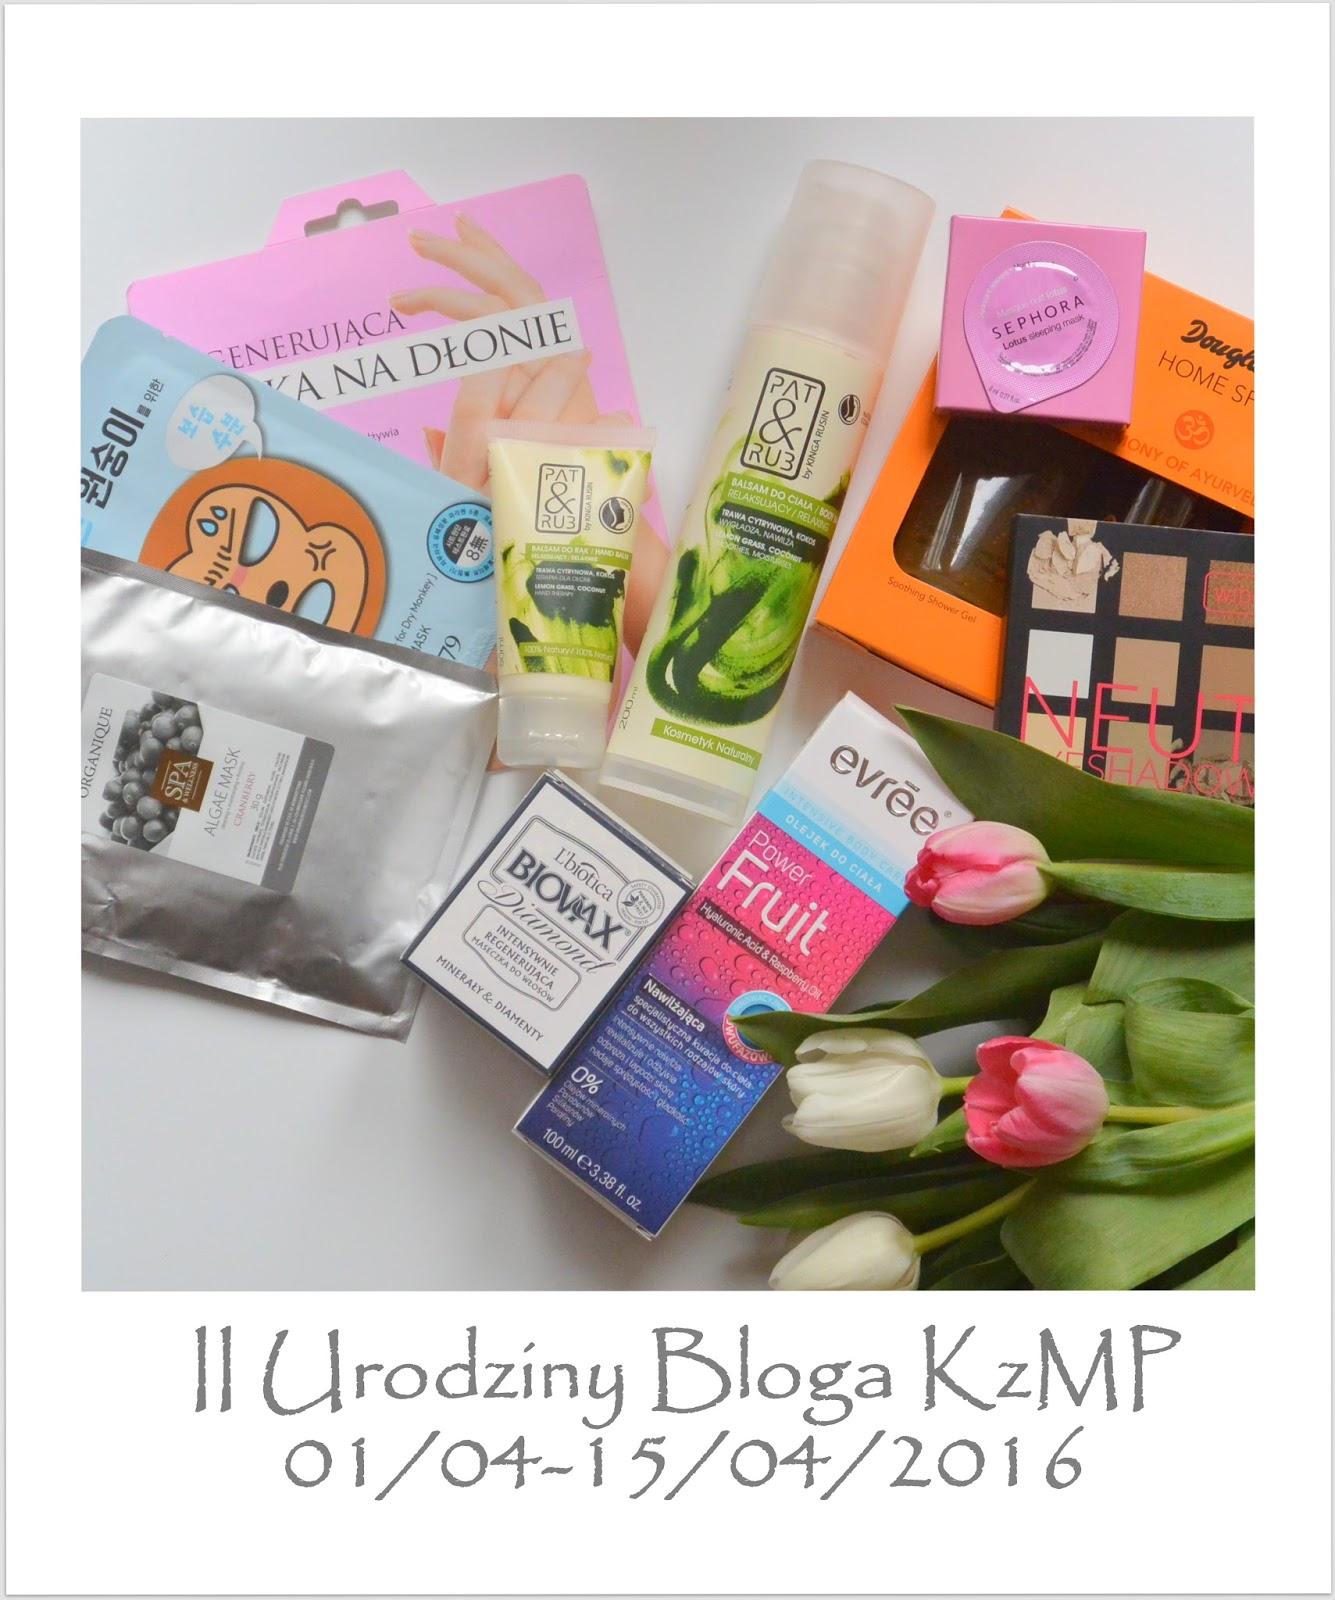 Drugie Urodziny Bloga + Beauty Box dla Was Trzecia Edycja !!!